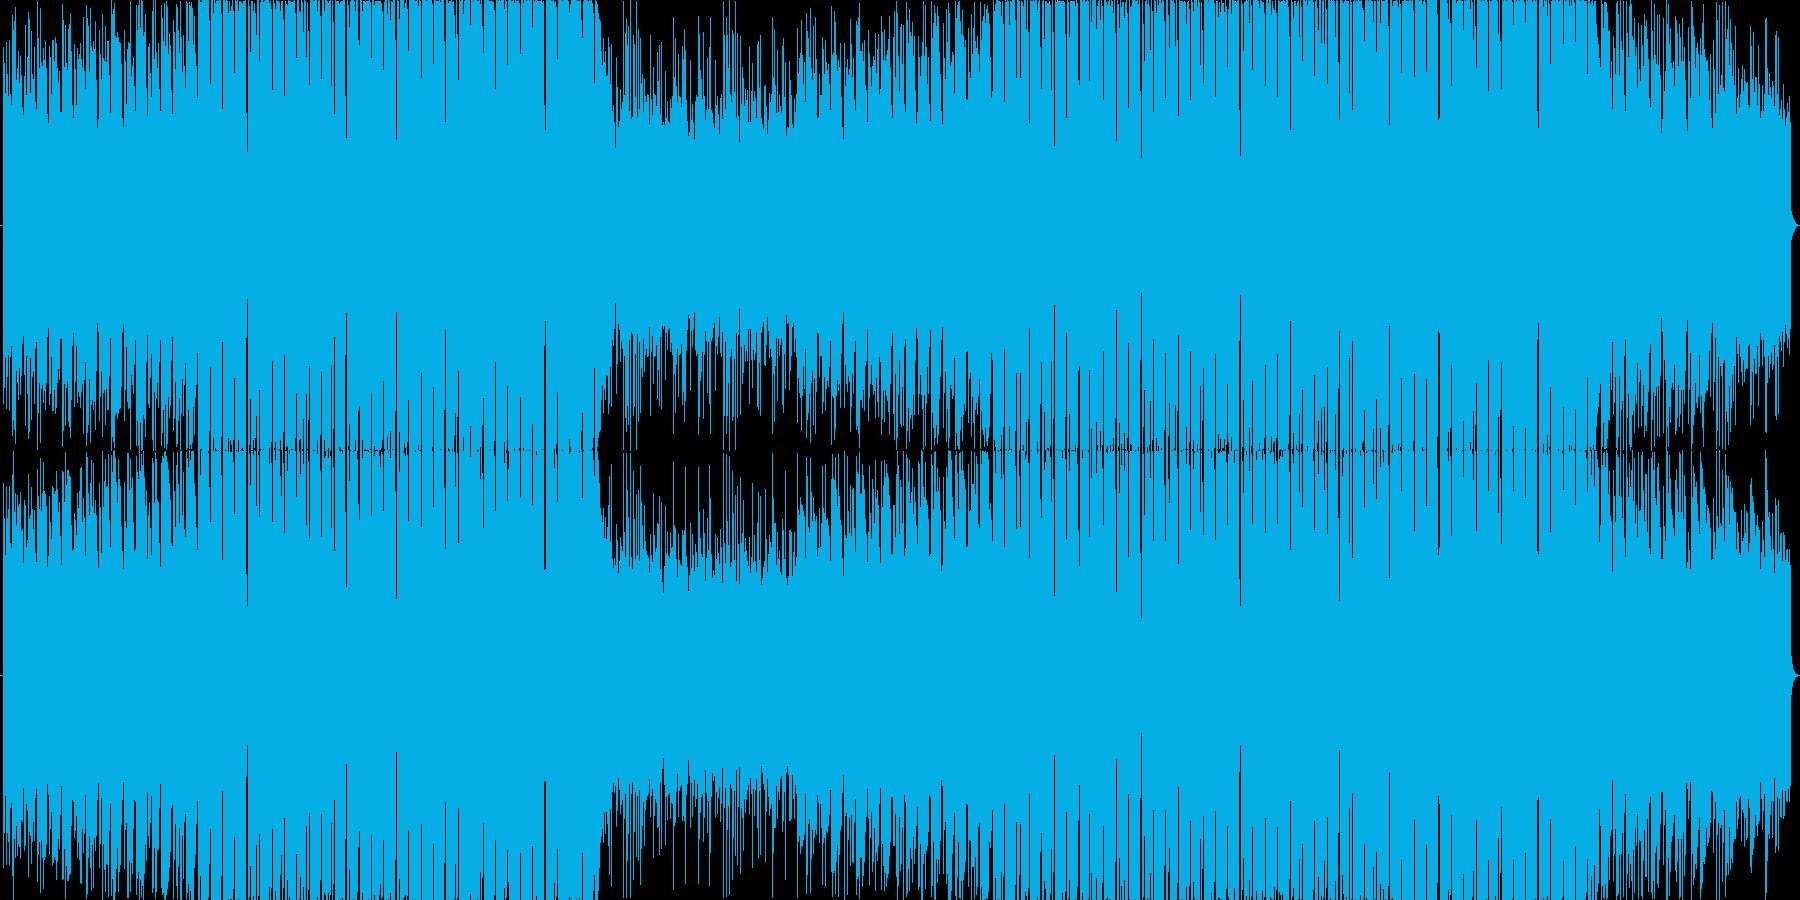 まったりとした和風フューチャーベース☆彡の再生済みの波形